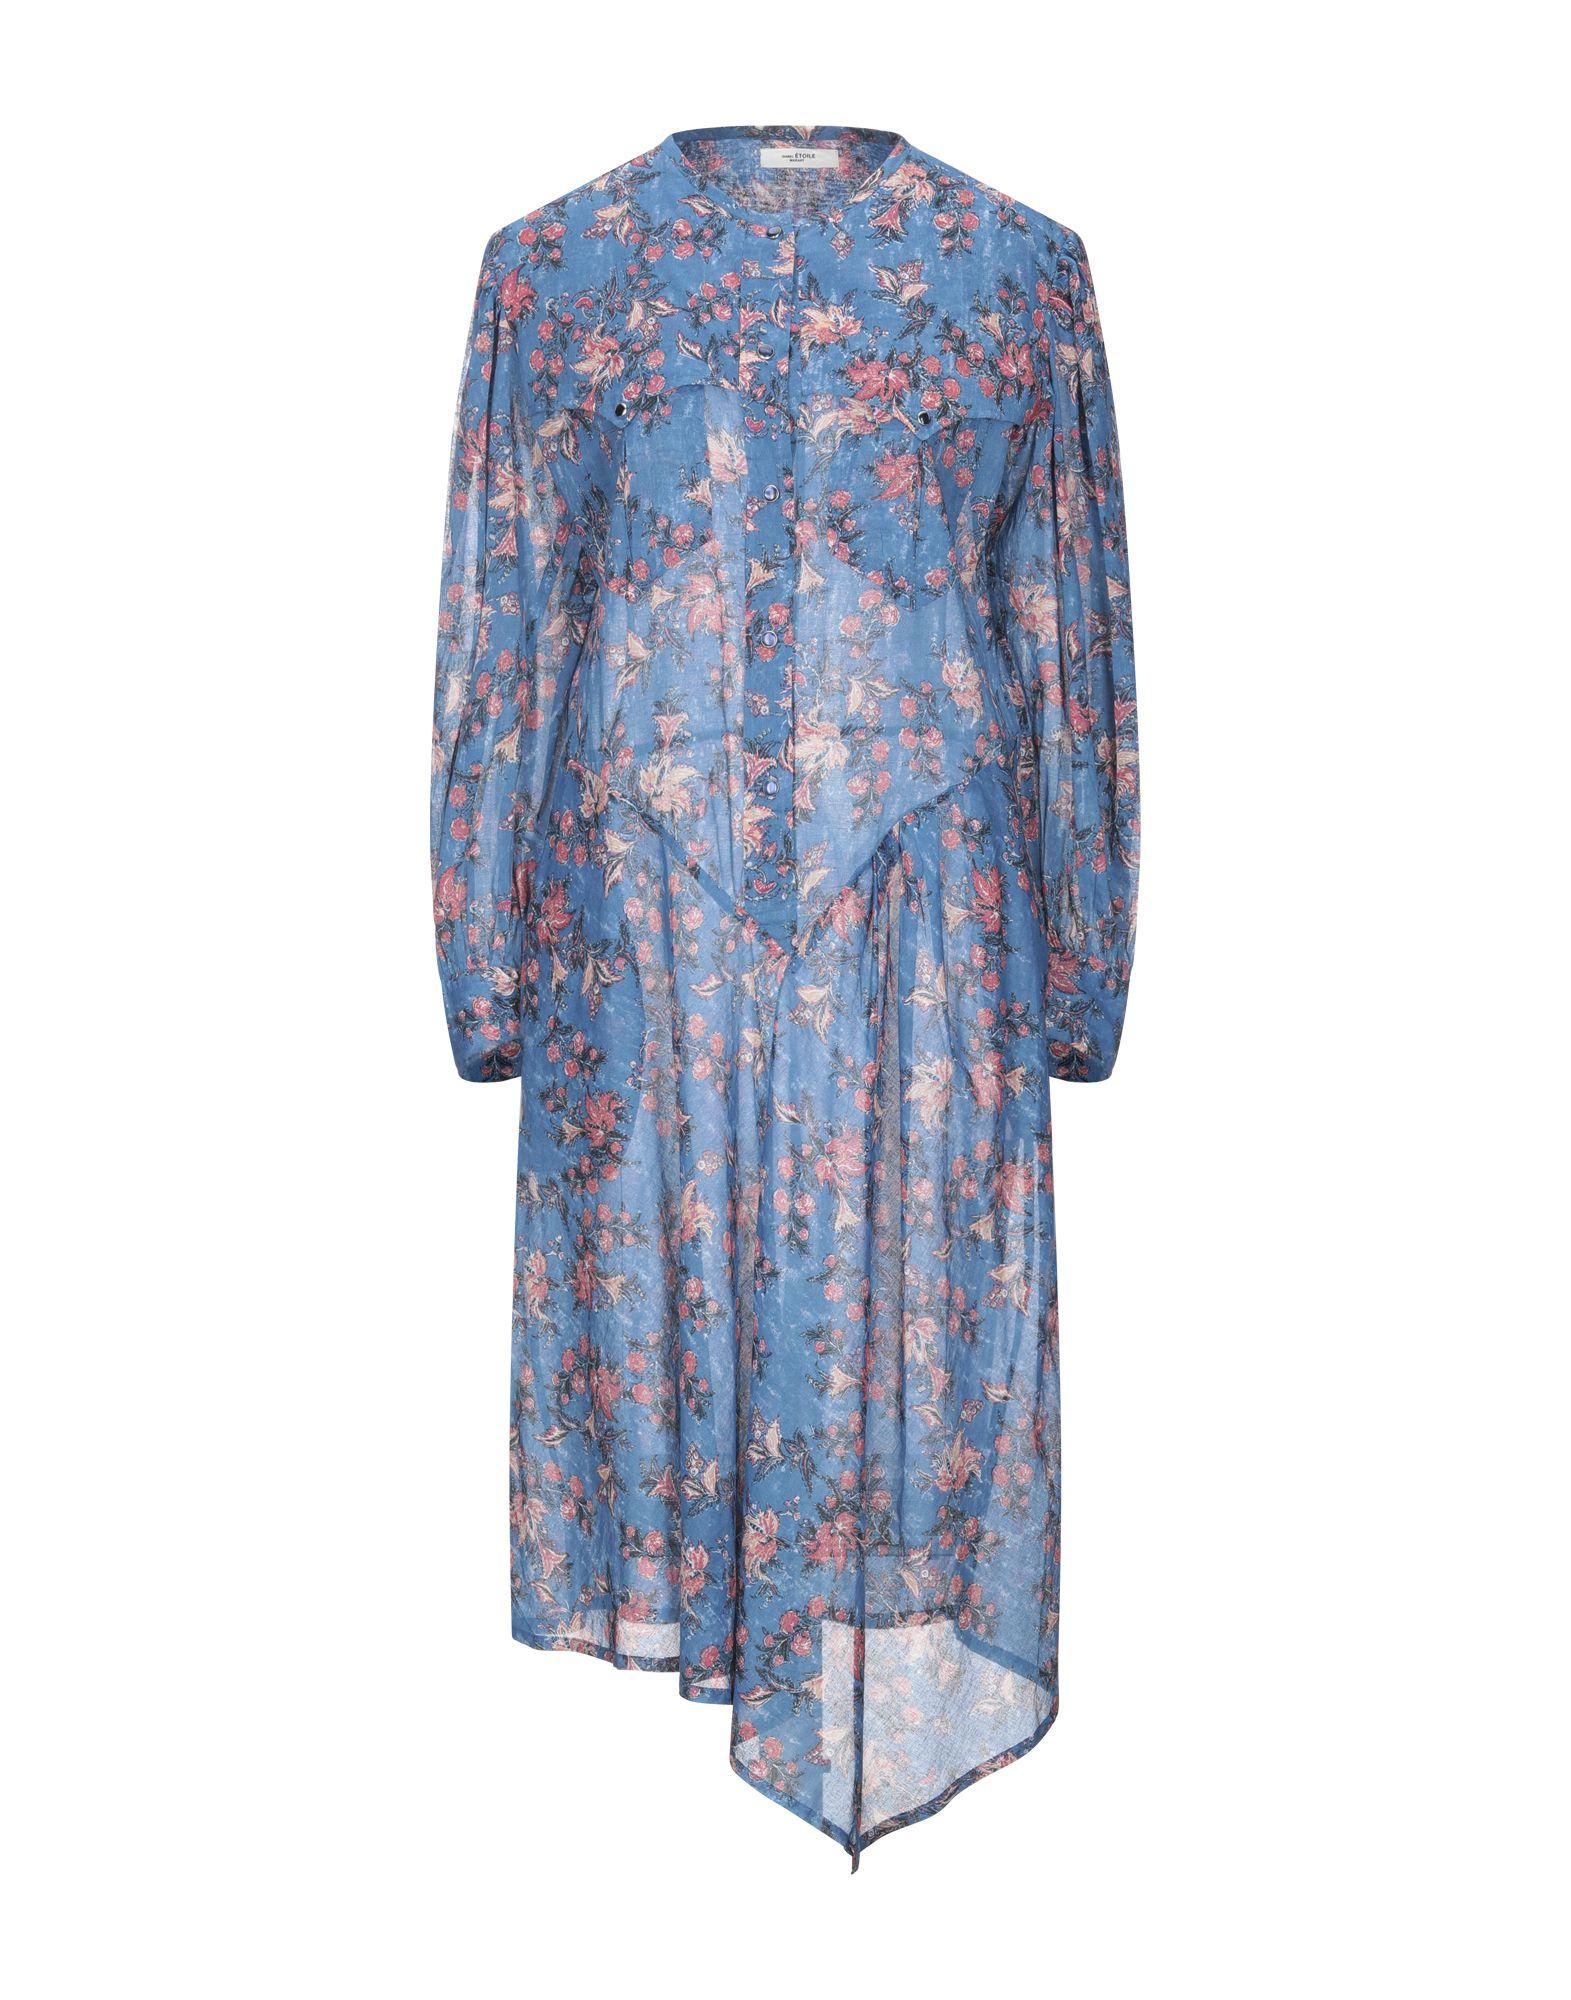 ISABEL MARANT ÉTOILE Платье длиной 3/4 isabel garcia платье длиной 3 4